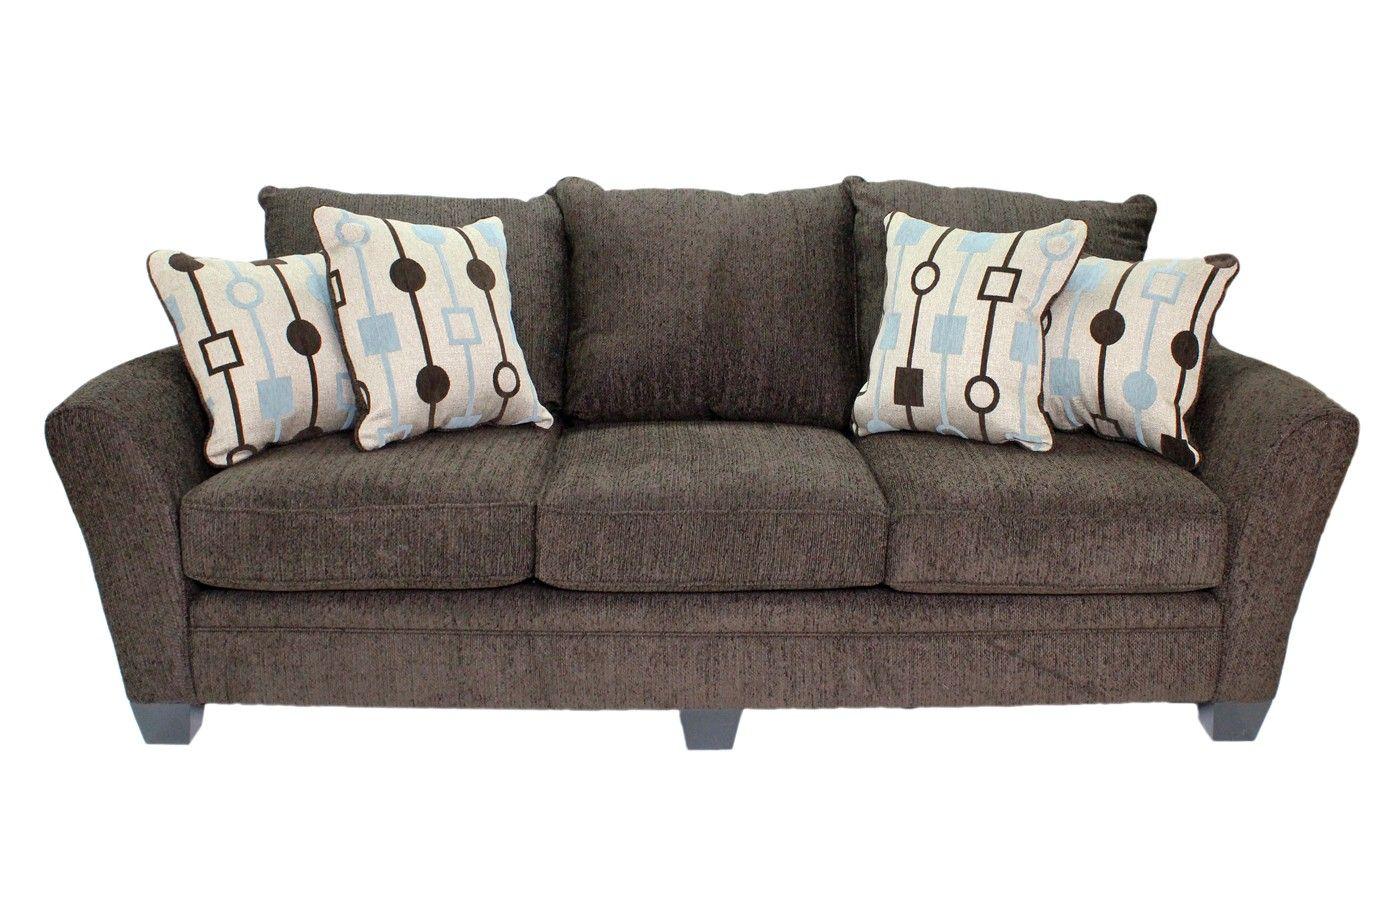 Brazil Sofa Sofas Living Room Mor Furniture for Less